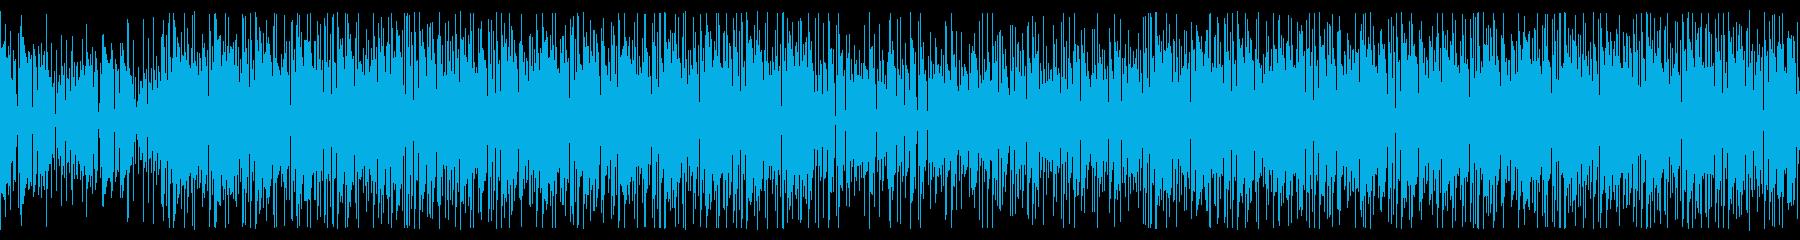 ギターカッティングとファンクなサックスの再生済みの波形